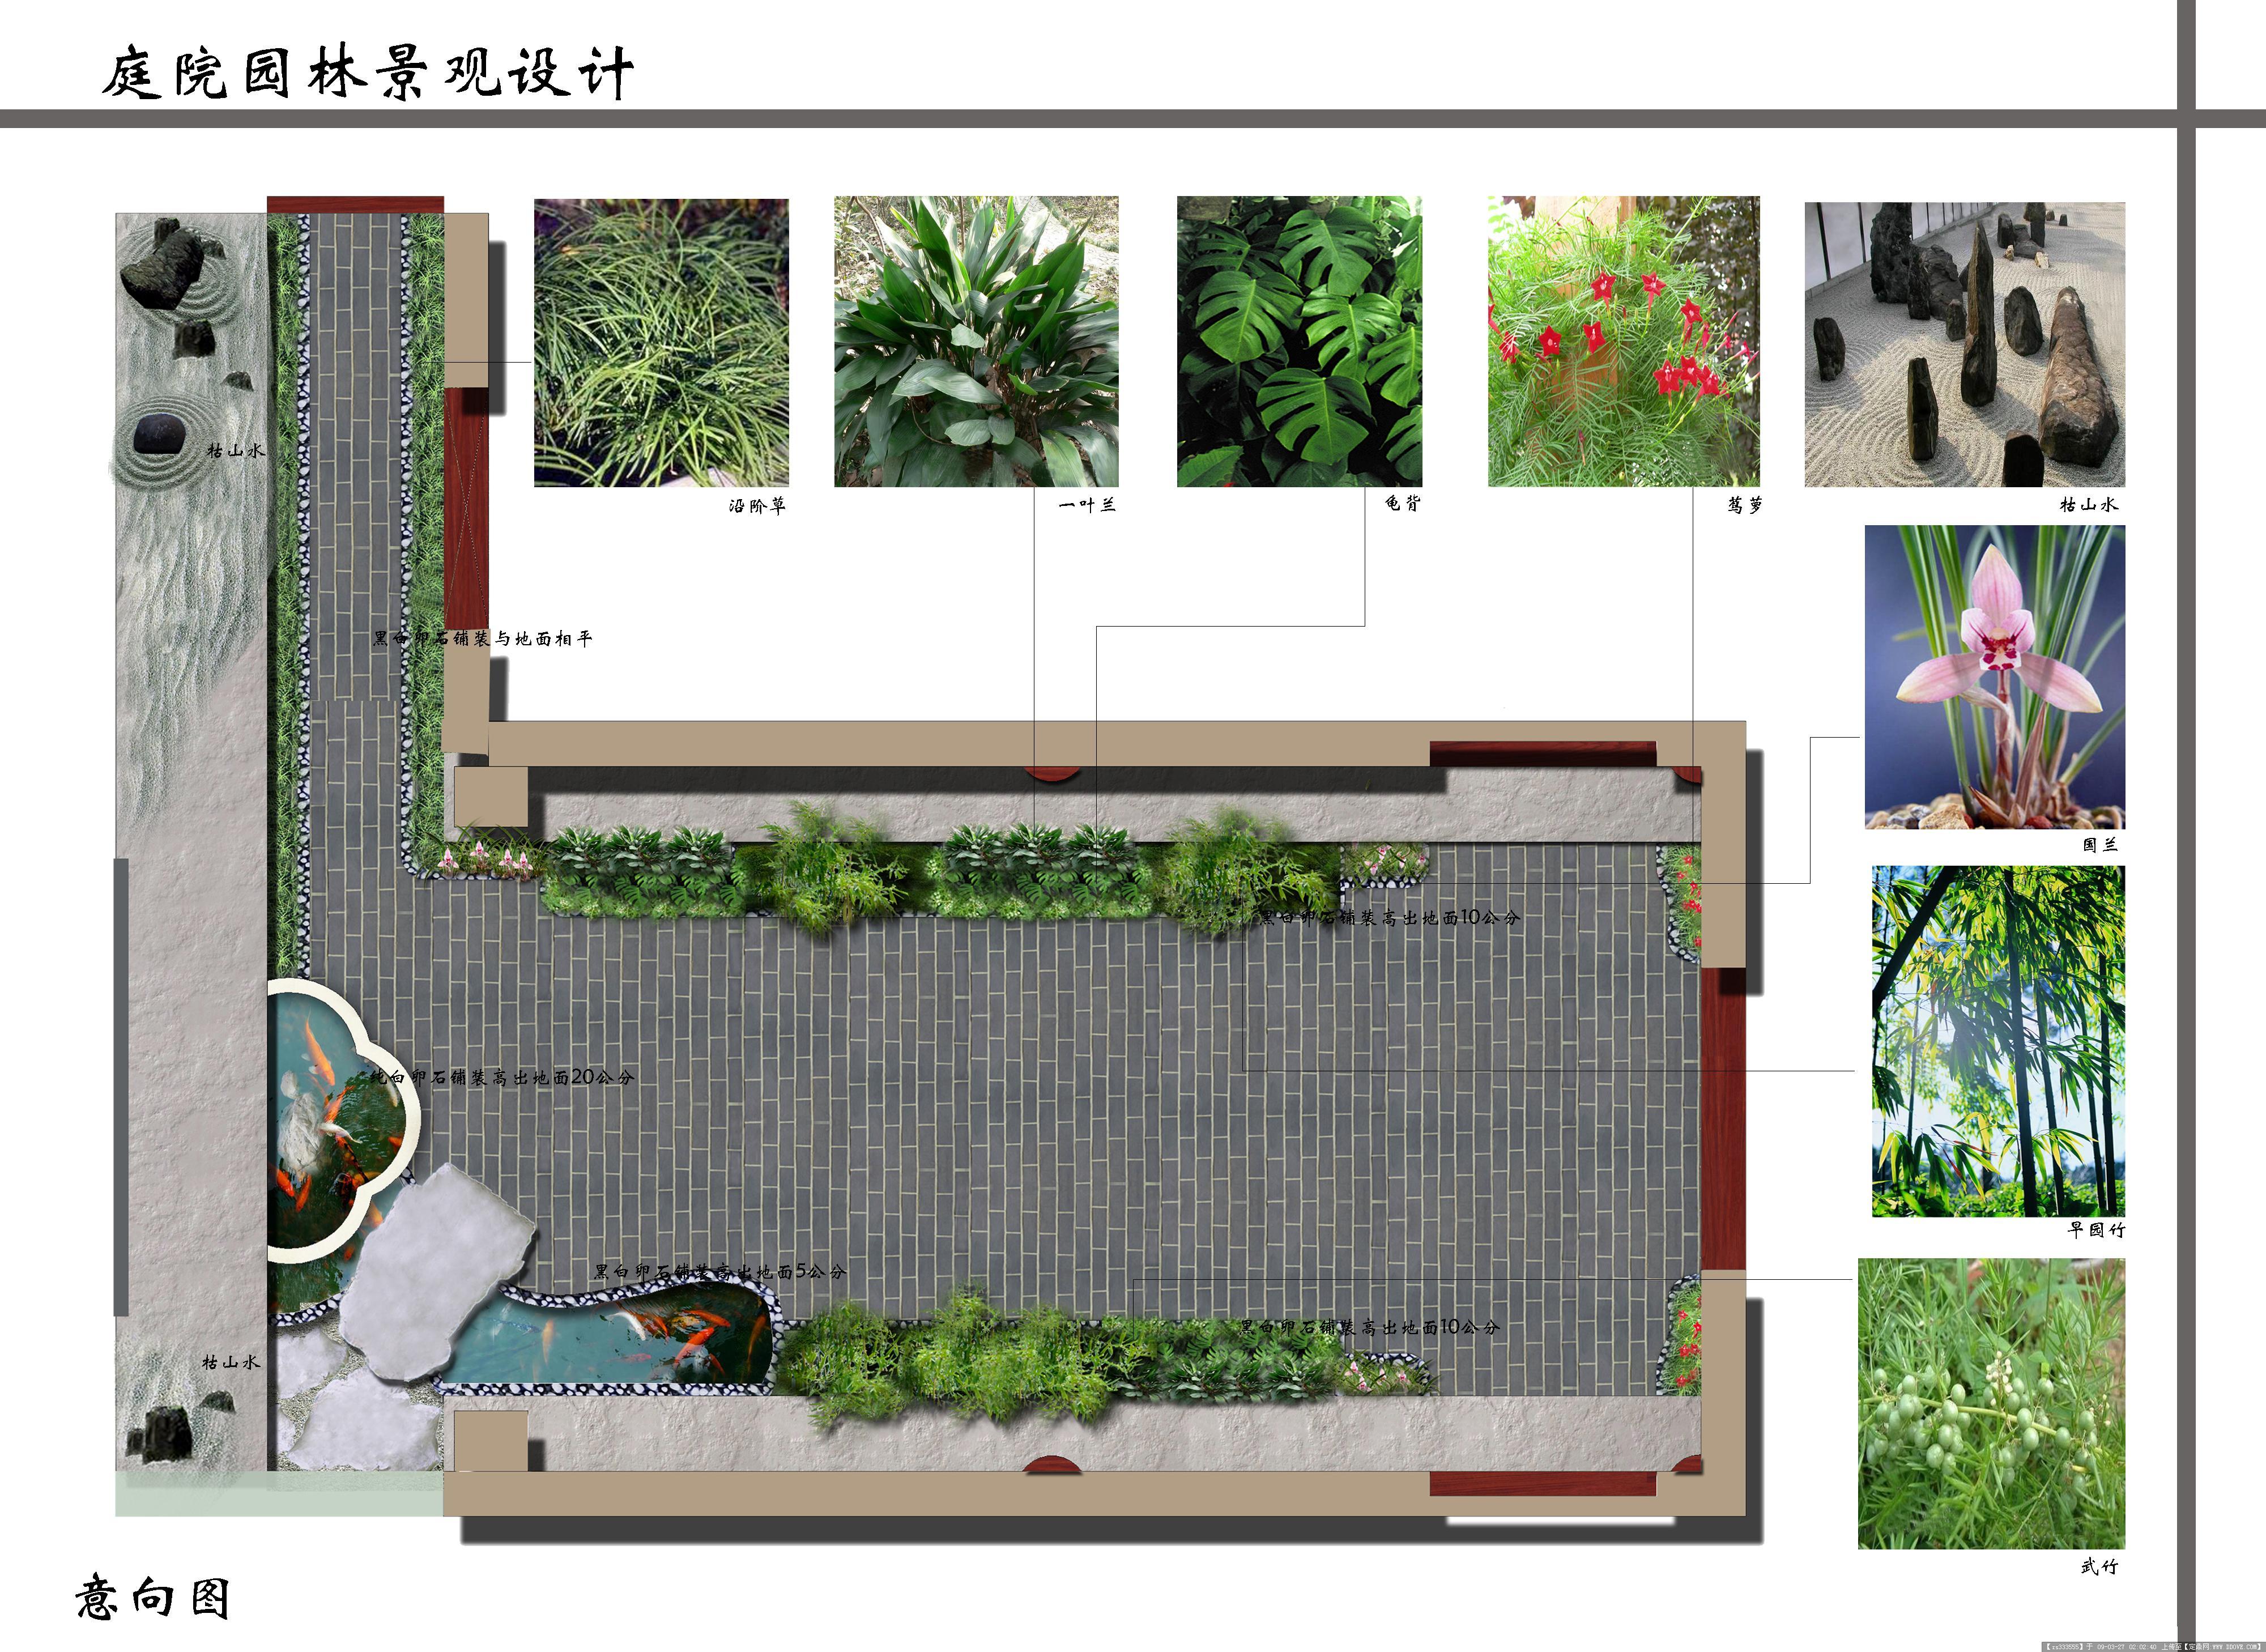 一楼小院设计图展示